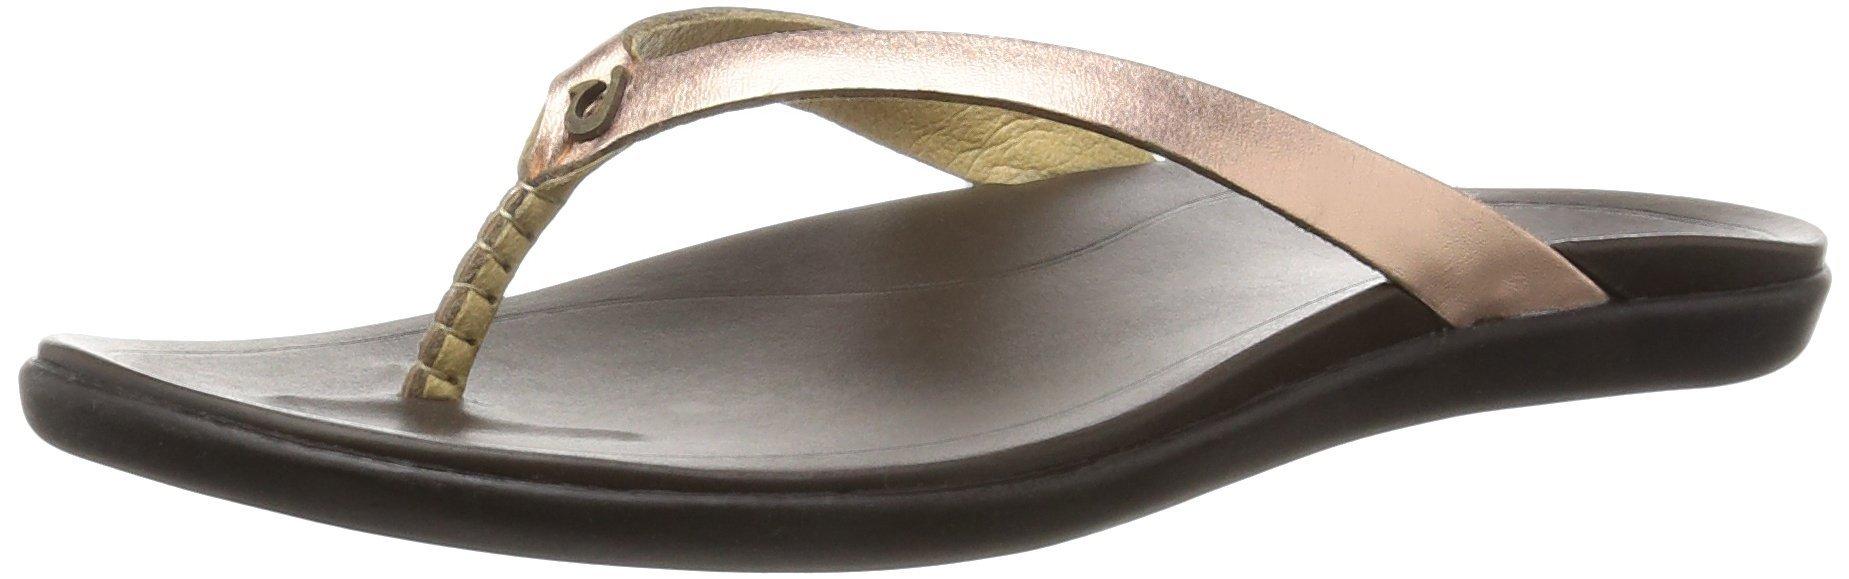 OLUKAI Women's Ho'Opio Sandals